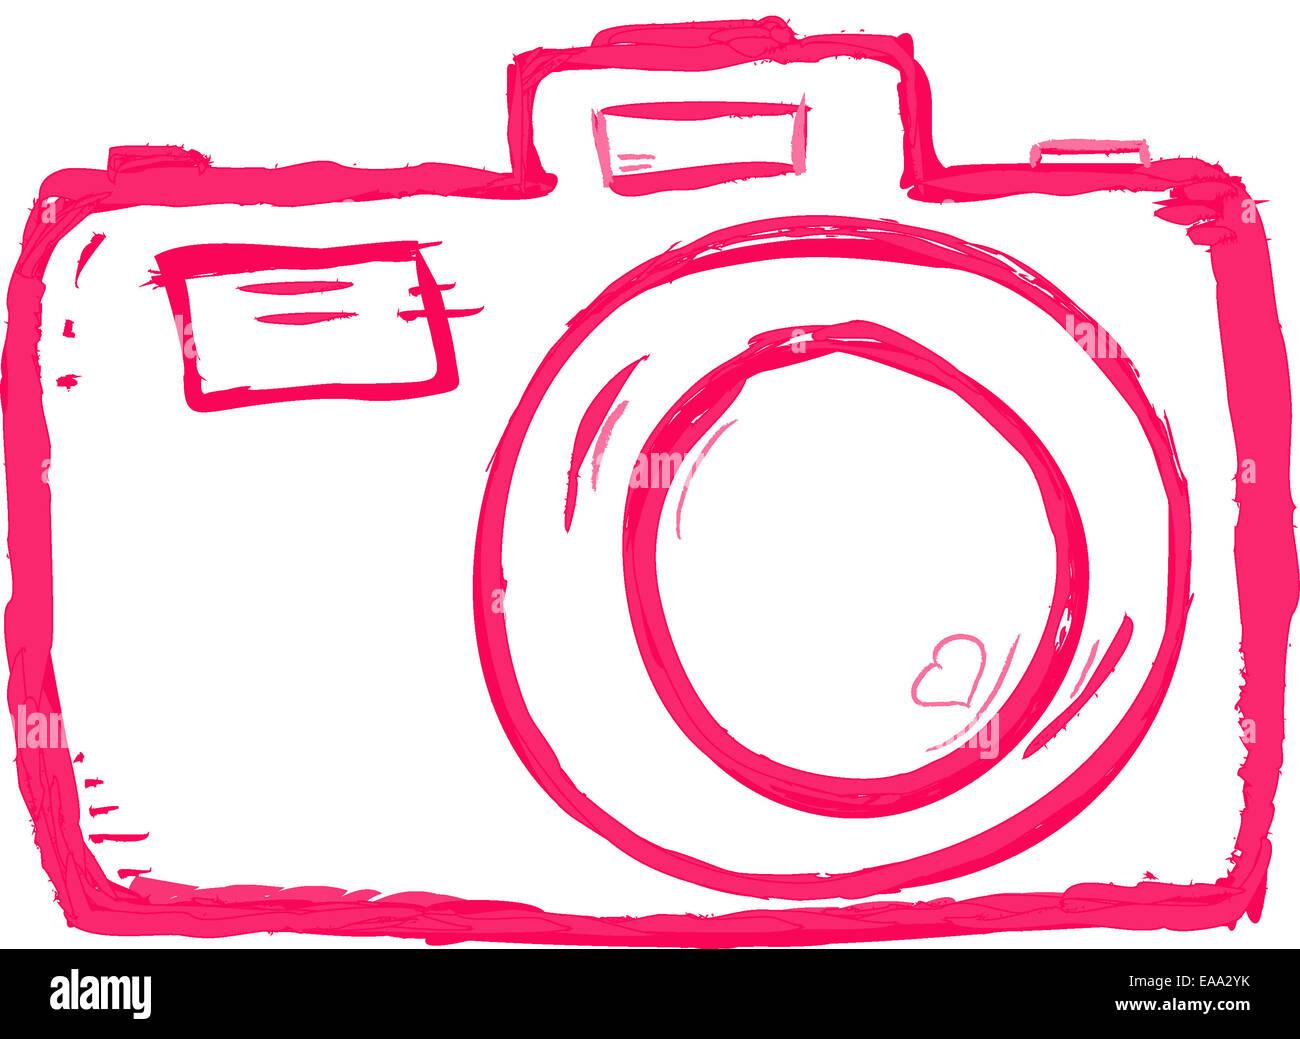 Fotocamera disegnati a mano su sfondo bianco Immagini Stock